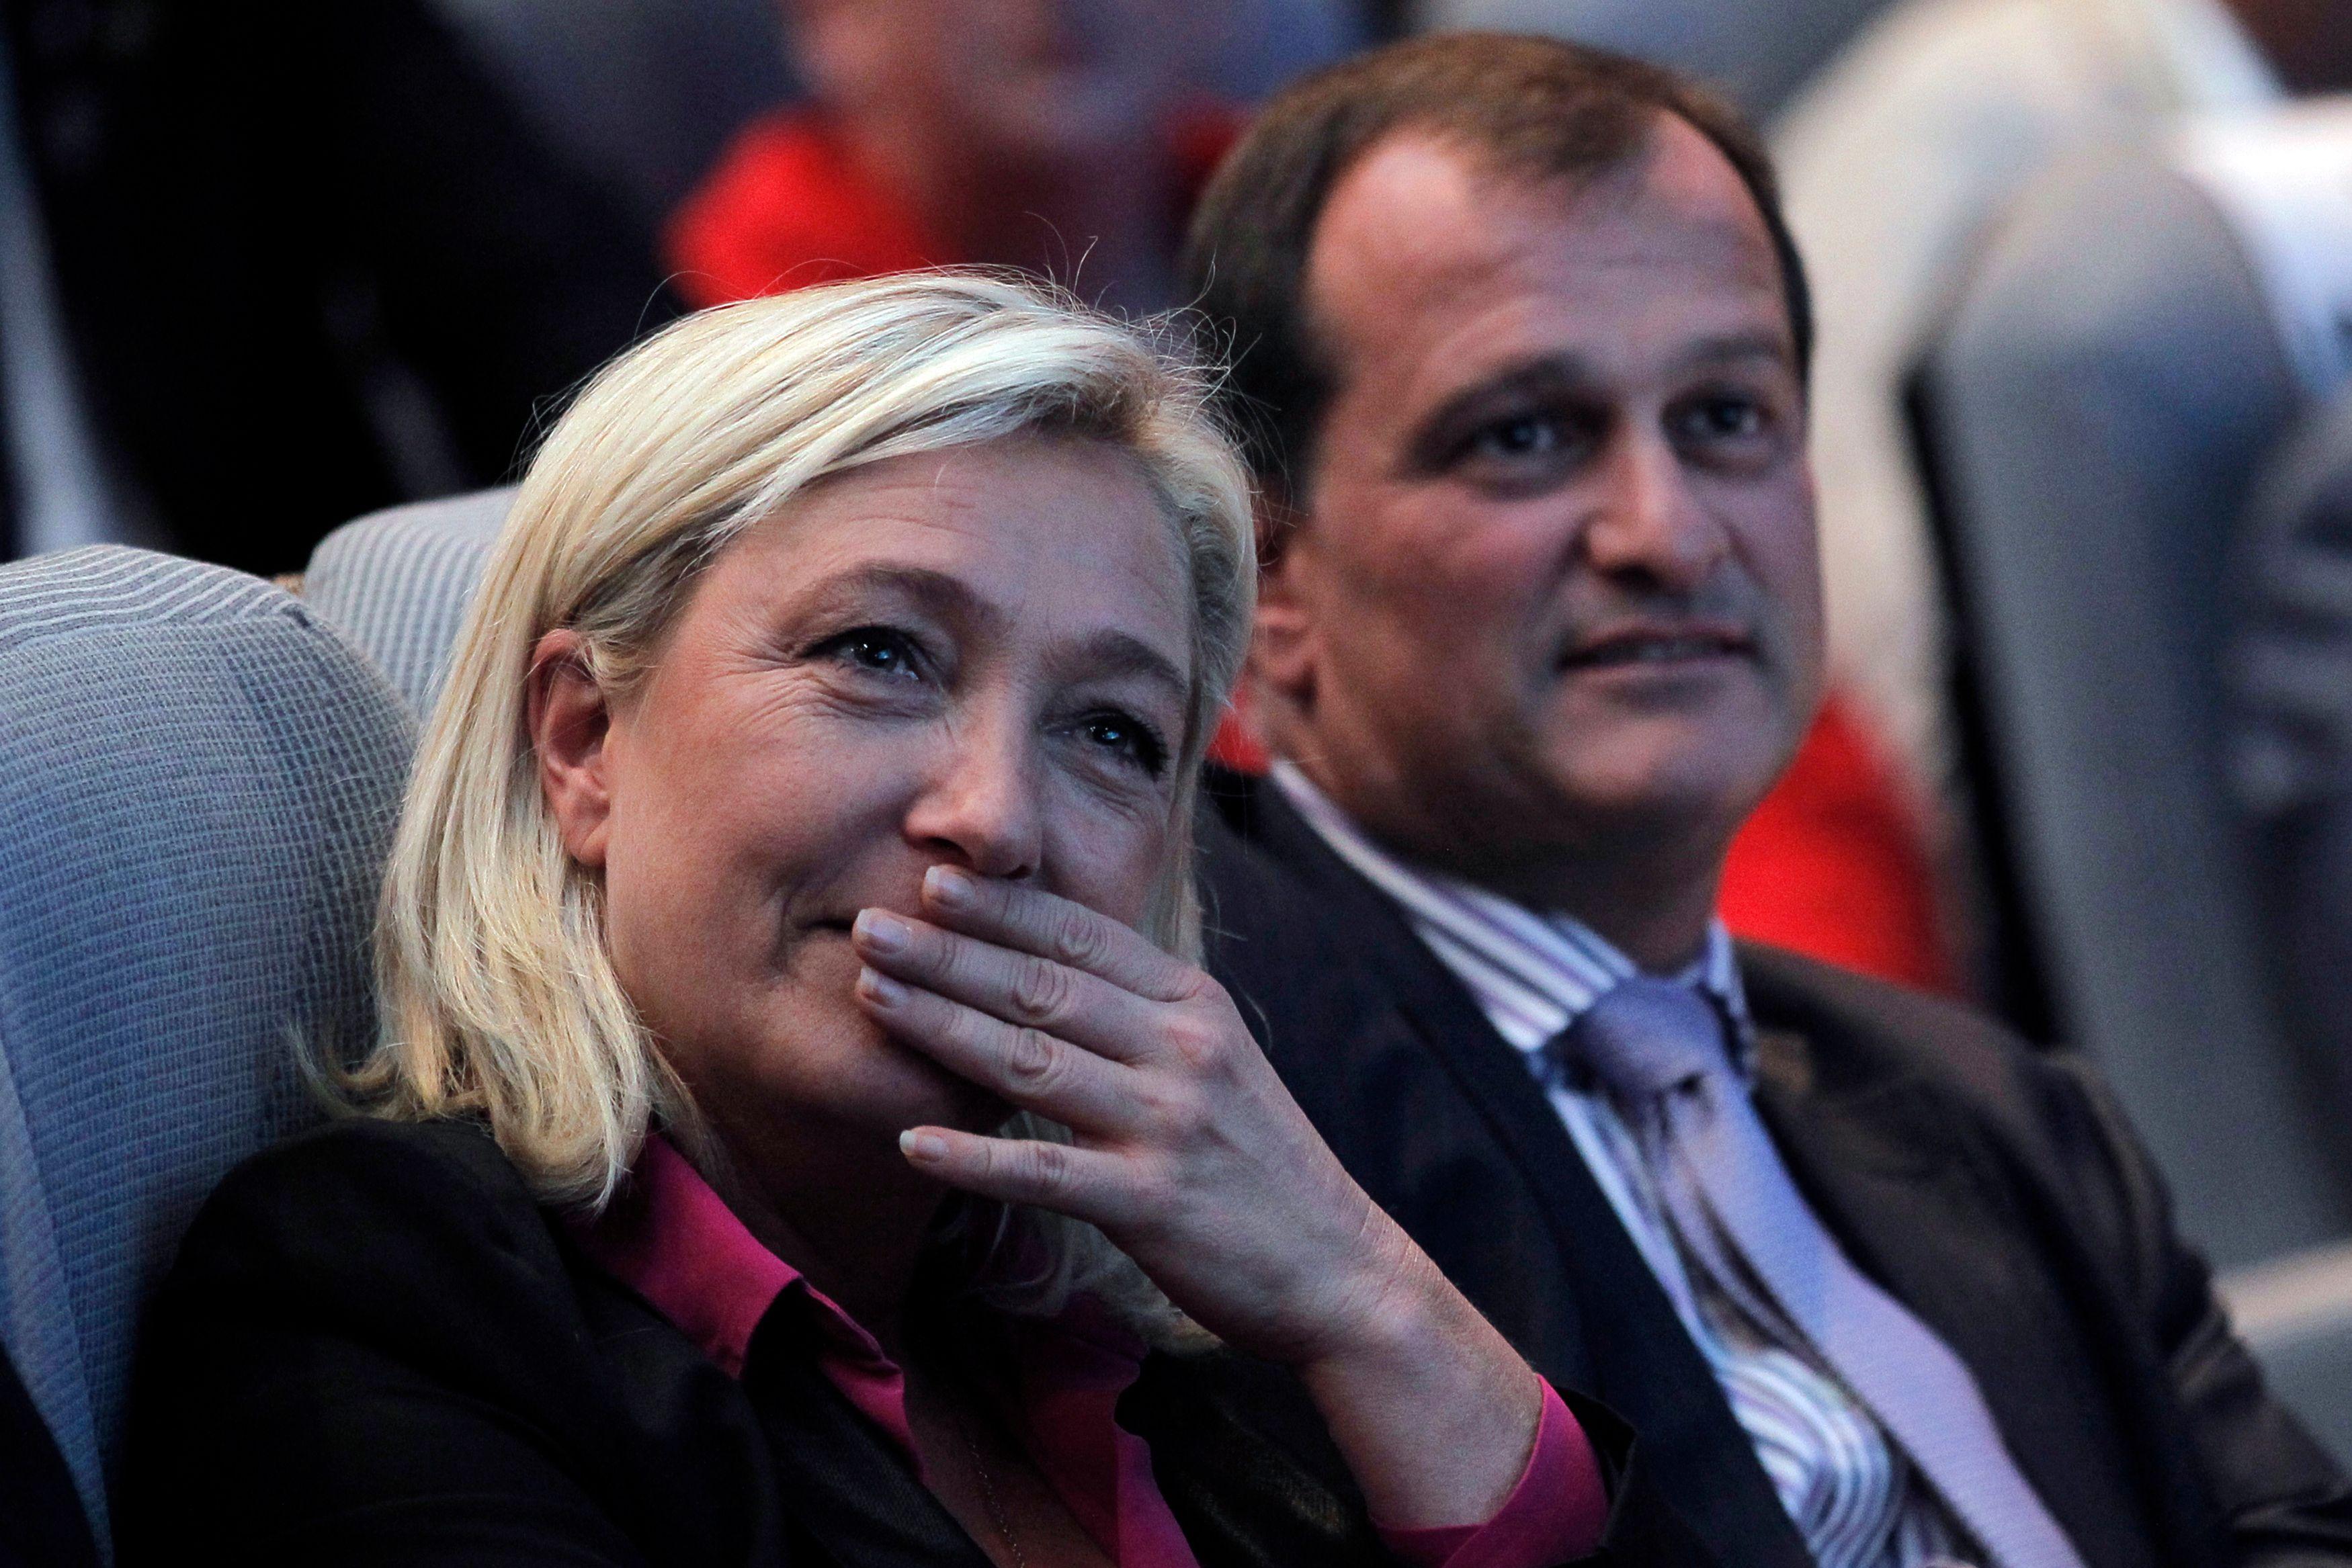 """Selon Le Monde, des proches de Manir Le Pen ont élaboré un """"dispositif sophistiqué"""" basé sur des sociétés offshore afin de faire passer de l'argent hors de France."""